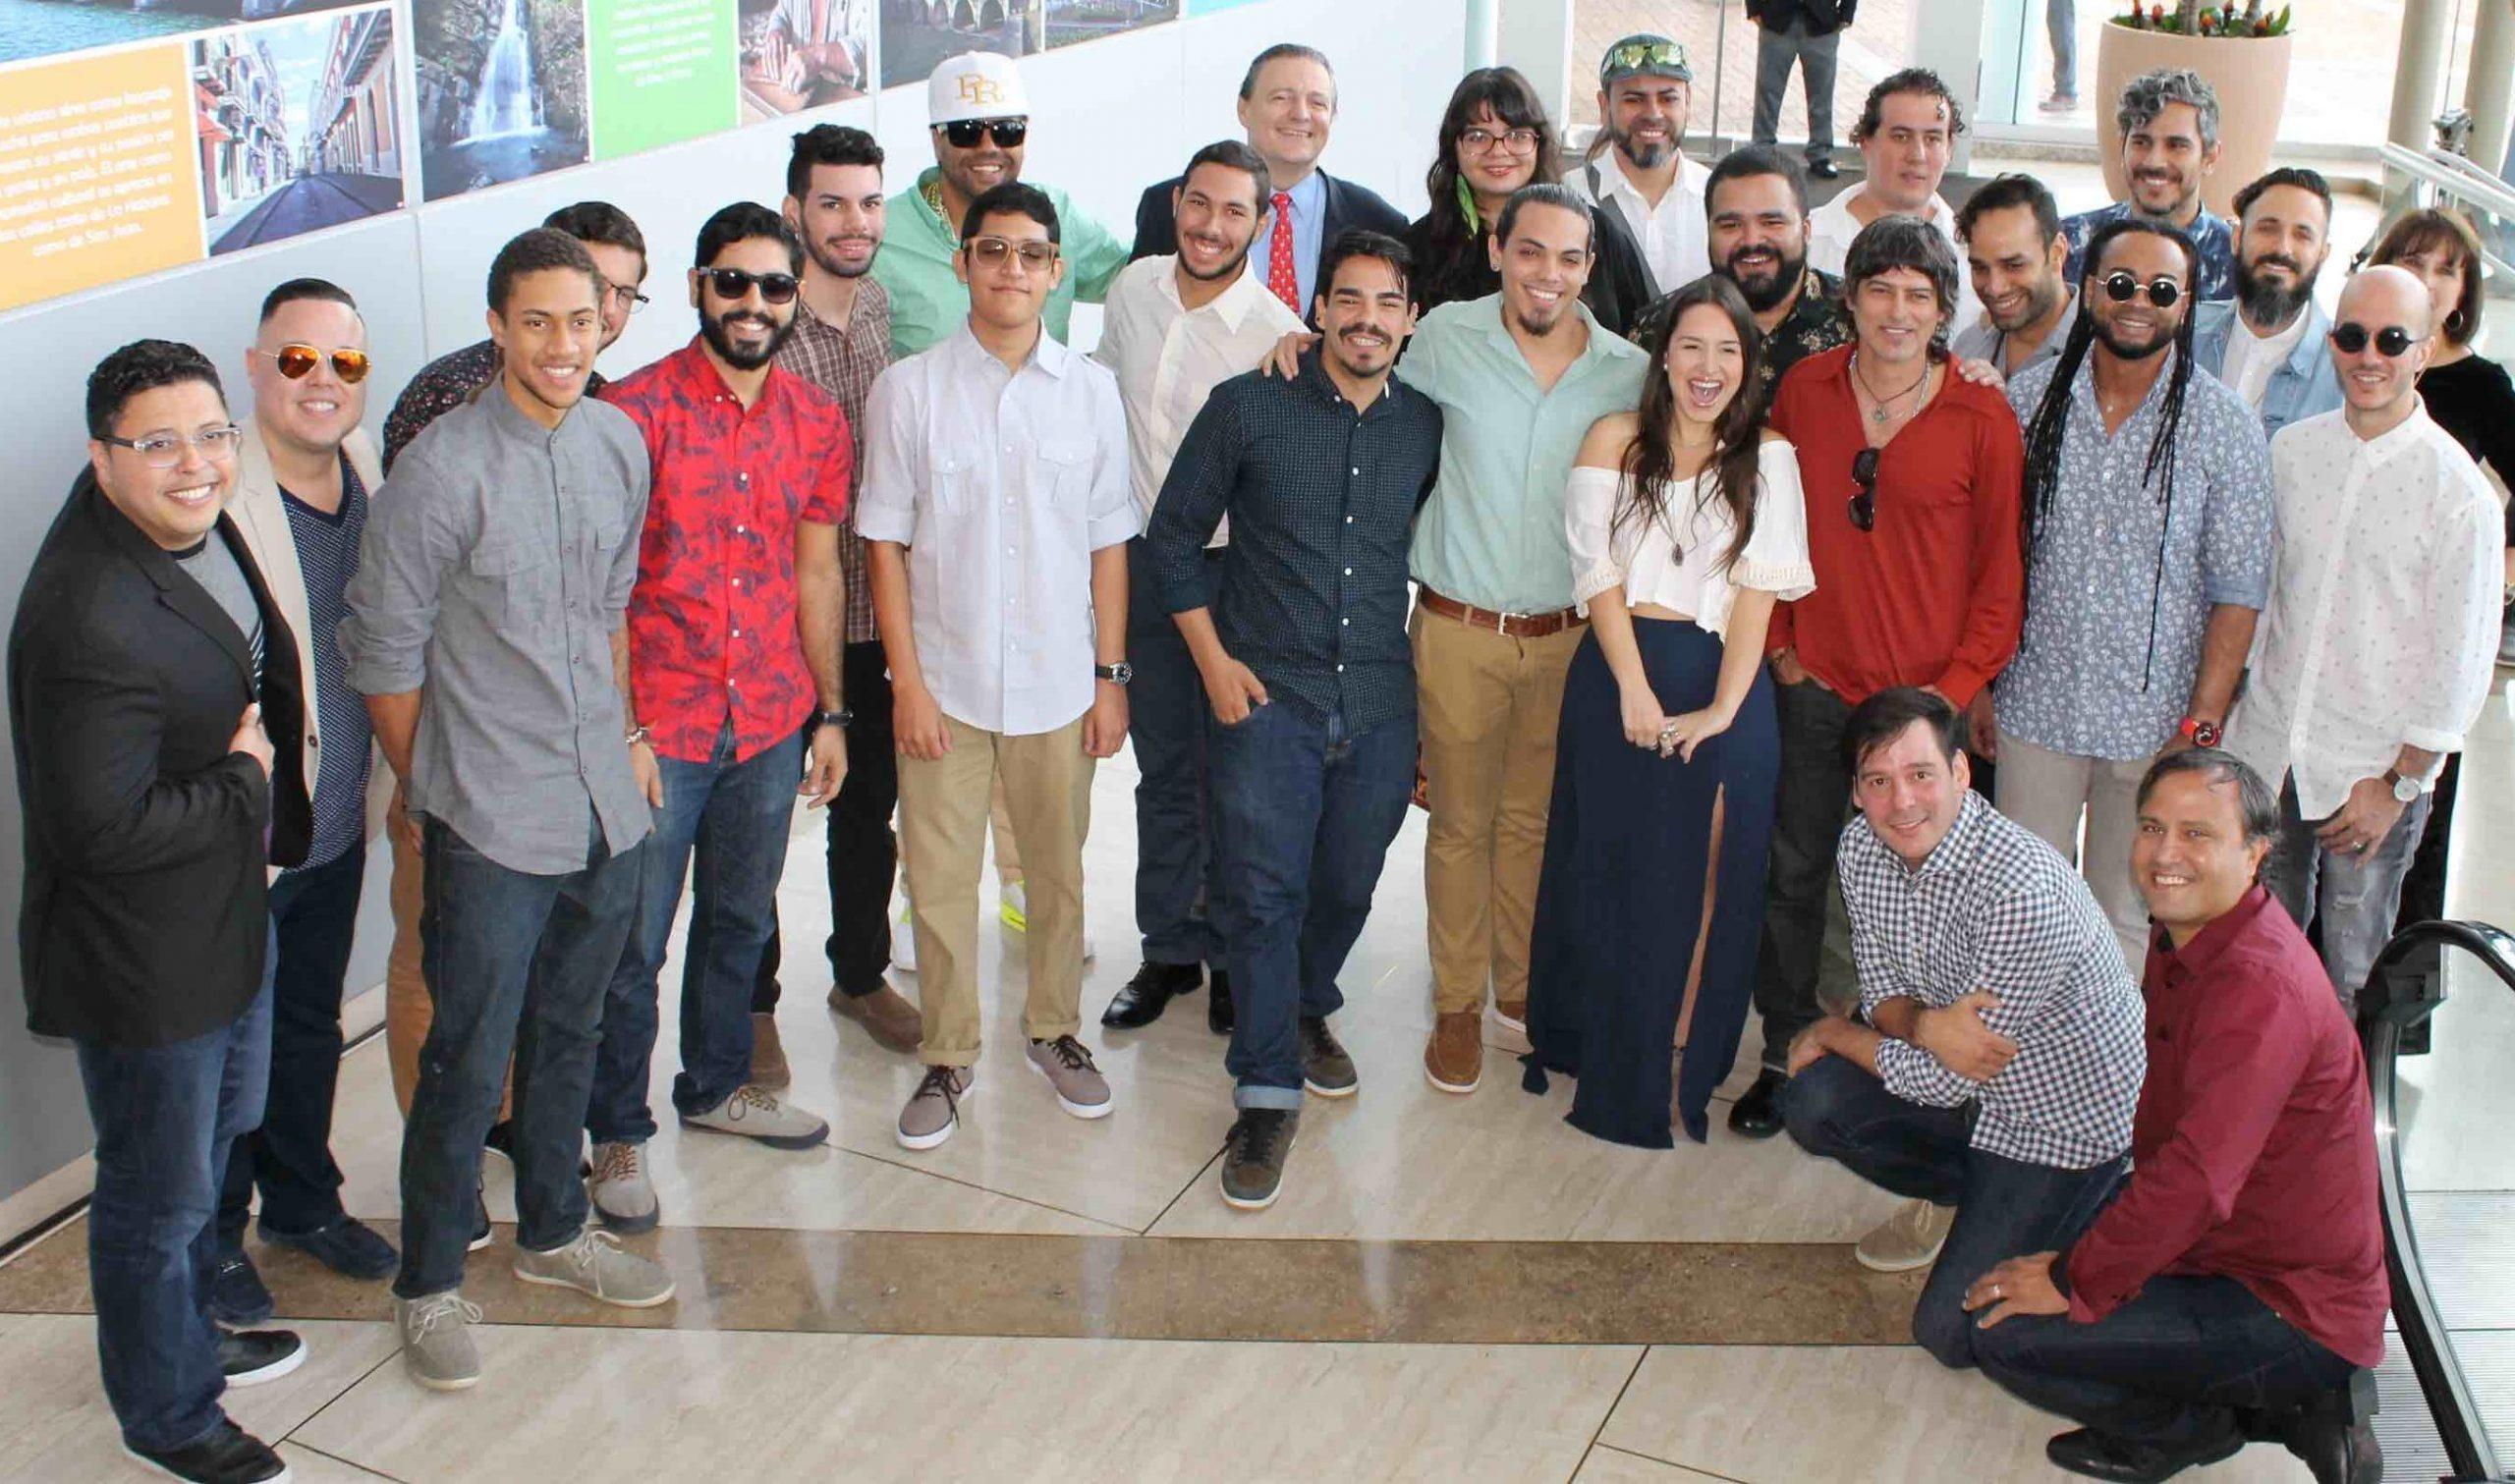 """ichard Carrión (al centro) junto a parte del equipo artístico que forma parte del especial """"Cuba y Puerto Rico son..."""". (Foto Edgar Torres para Fundación Nacional para la Cultura Popular)"""